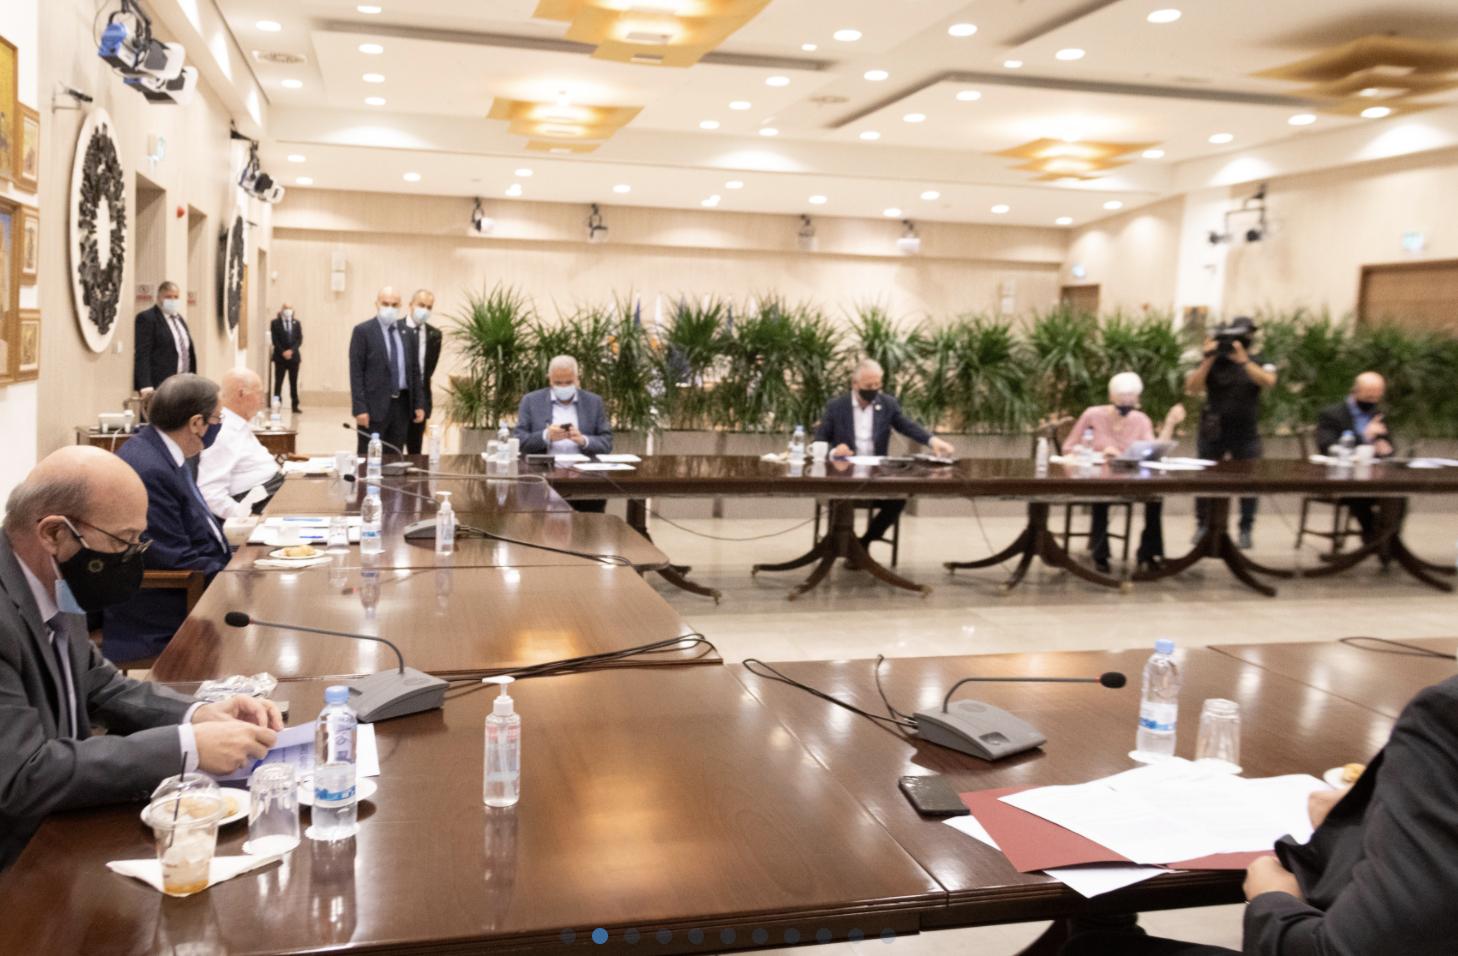 Κύπρος: Ενημέρωσε τα μέλη του Εθνικού Συμβουλίου ο Αναστασιάδης